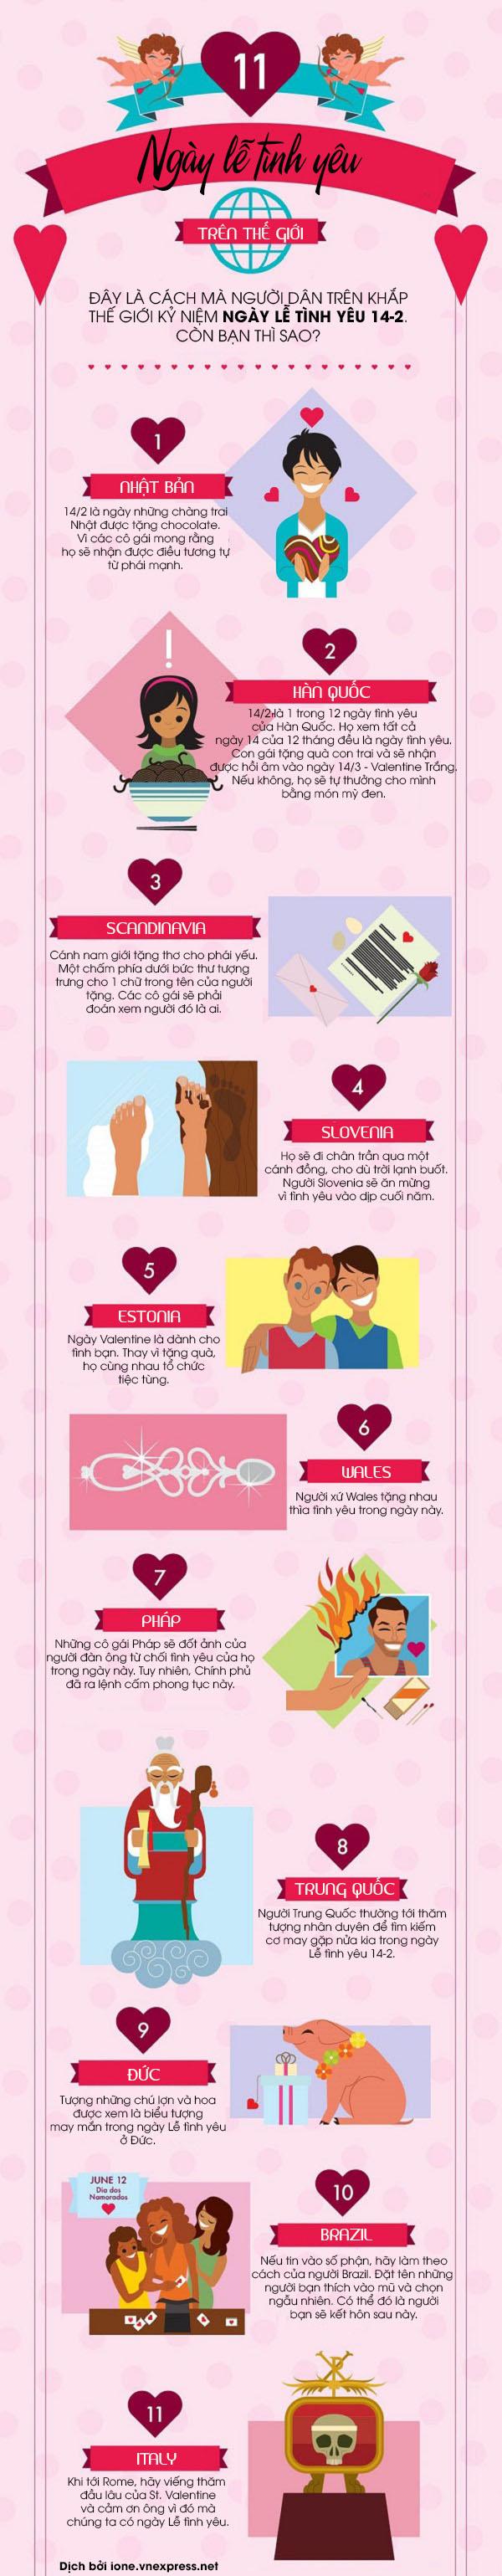 Vòng quanh thế giới xem ngày Valentine có gì lạ?